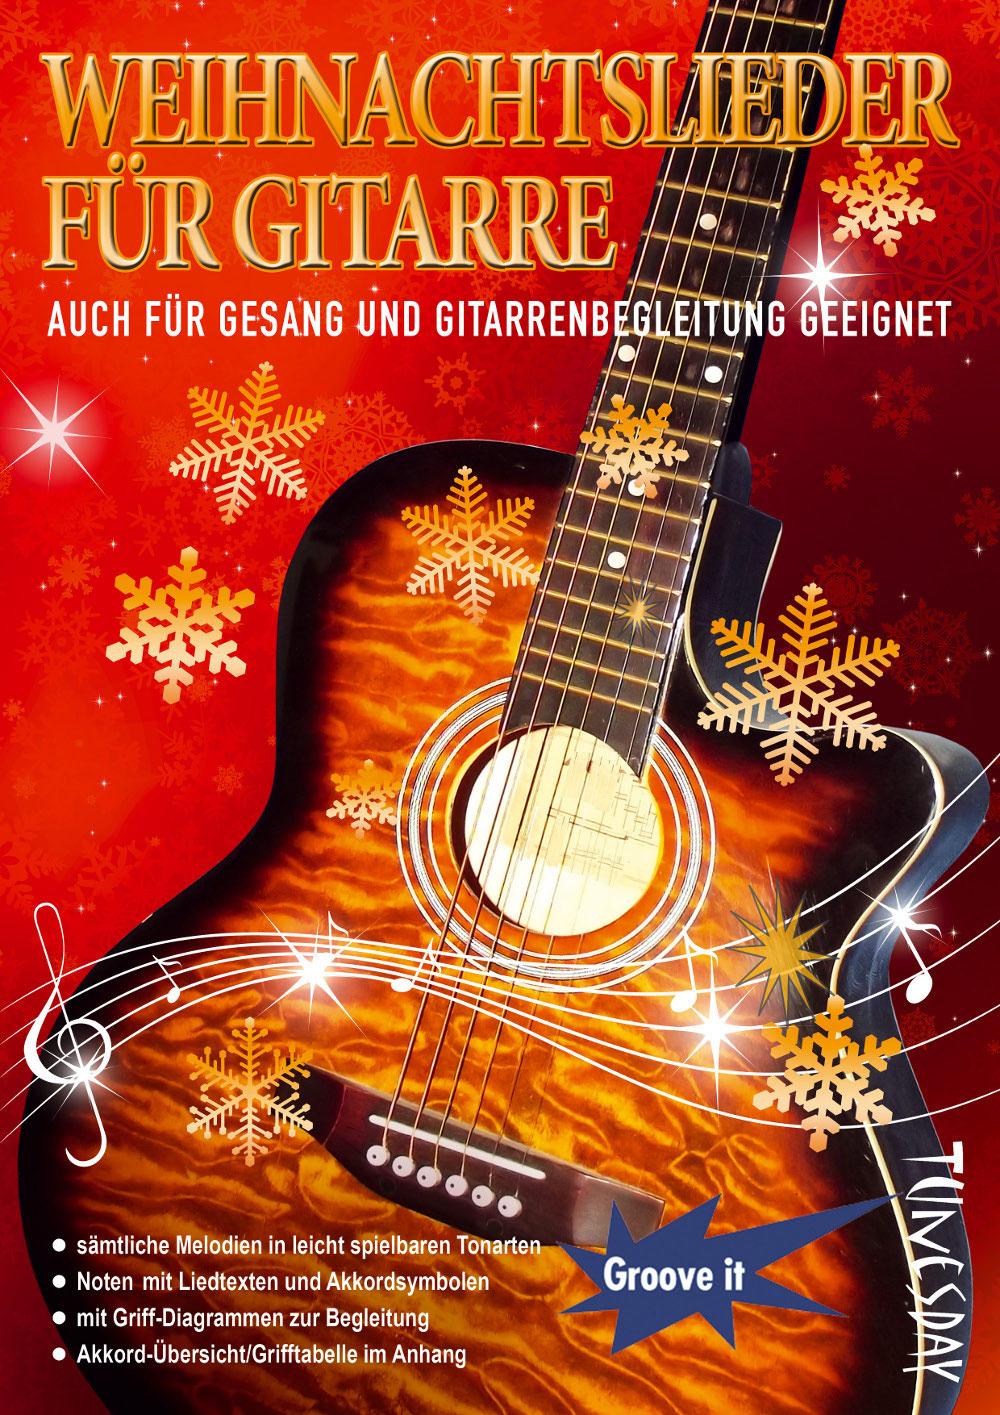 Weihnachtslieder für Gitarre - Noten mit Liedtexten, Akkordsymbolen ...